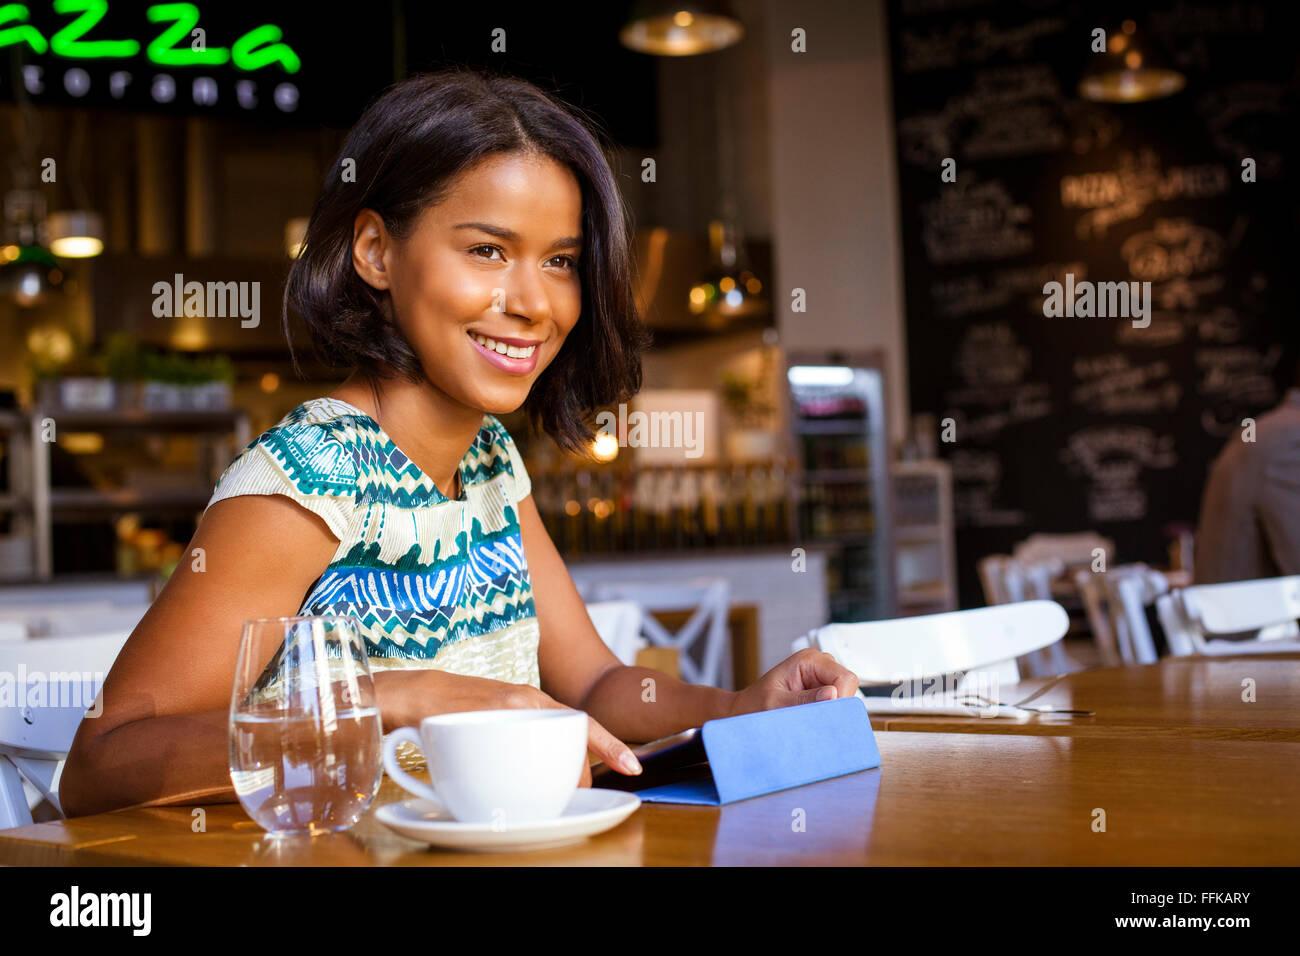 Raza mixta mujer sentada en el café utilizando el ordenador Imagen De Stock